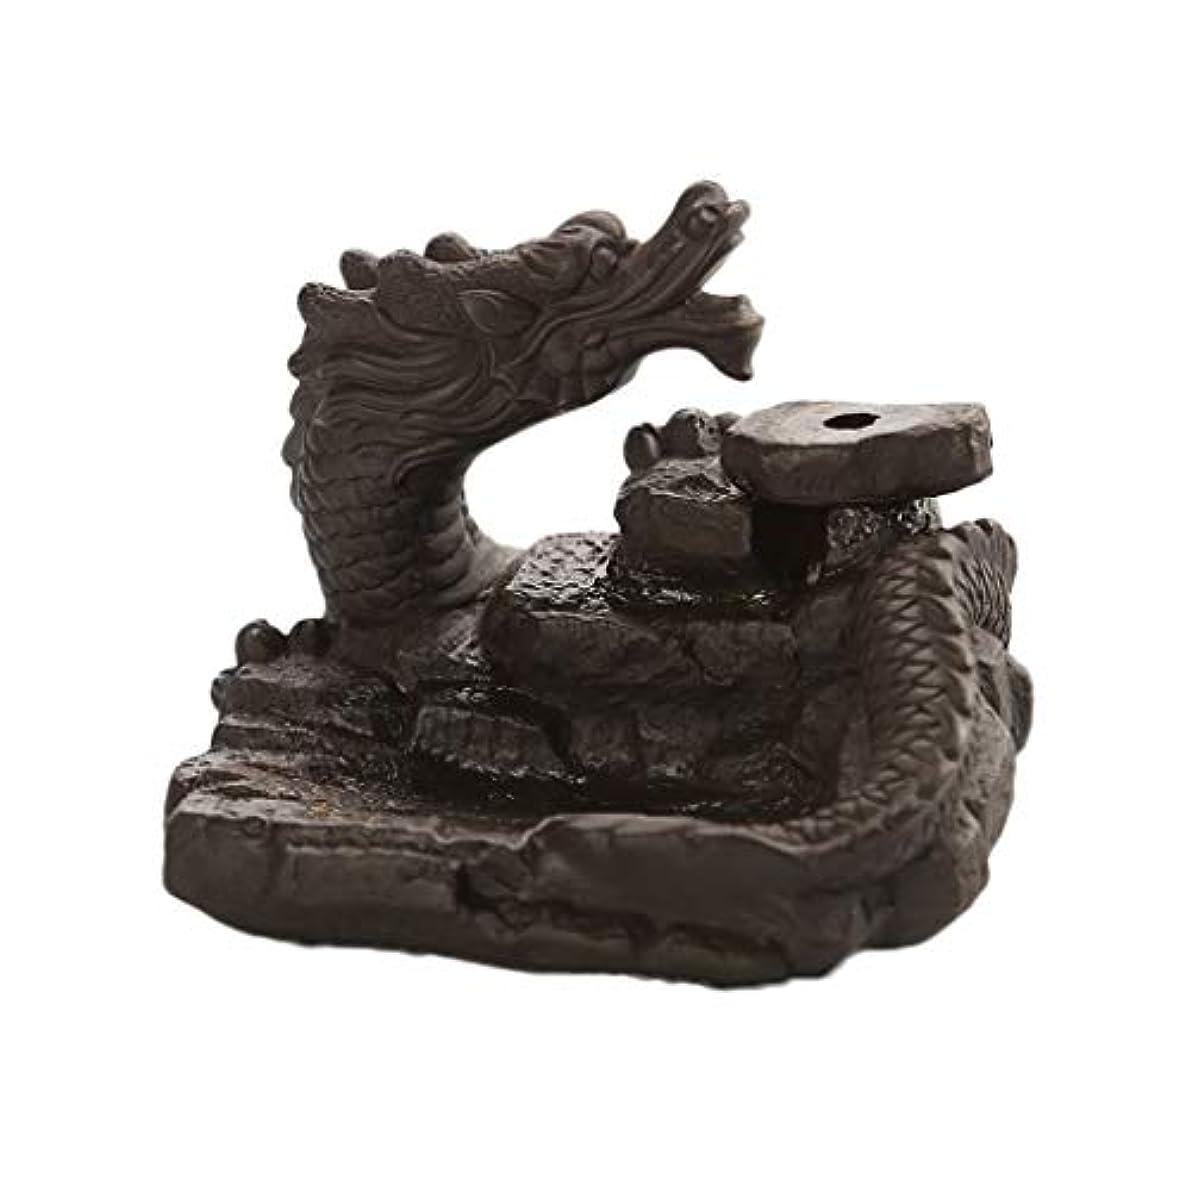 パシフィックプロットフォロー芳香器?アロマバーナー ドラゴンの逆流の香炉の陶磁器のホールダーの黒ドラゴンの逆流の香炉の香炉の陶磁器のホールダー 芳香器?アロマバーナー